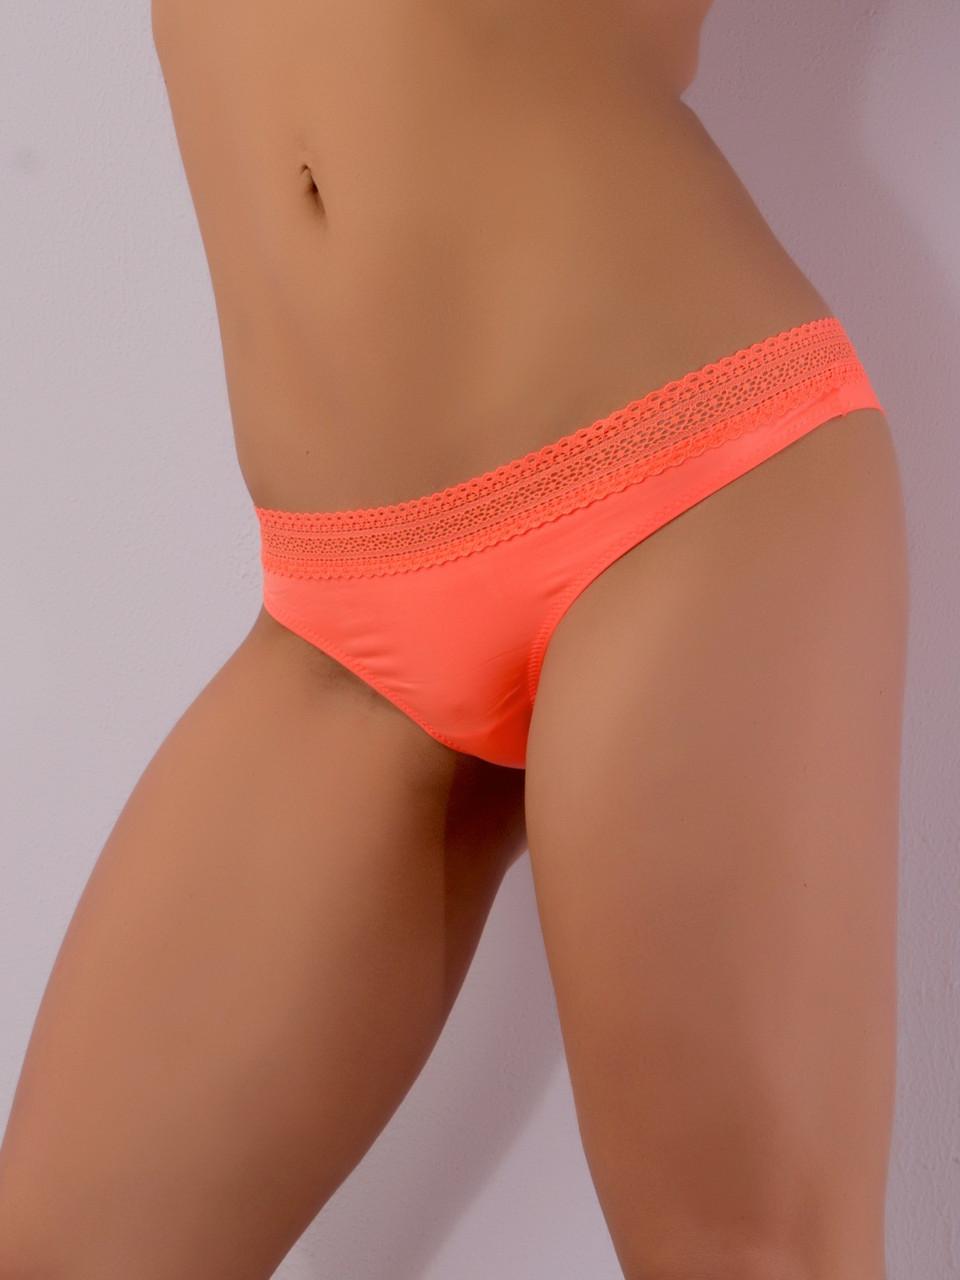 Трусики женские Acousma T6365-1H, цвет Оранжевый, размер S